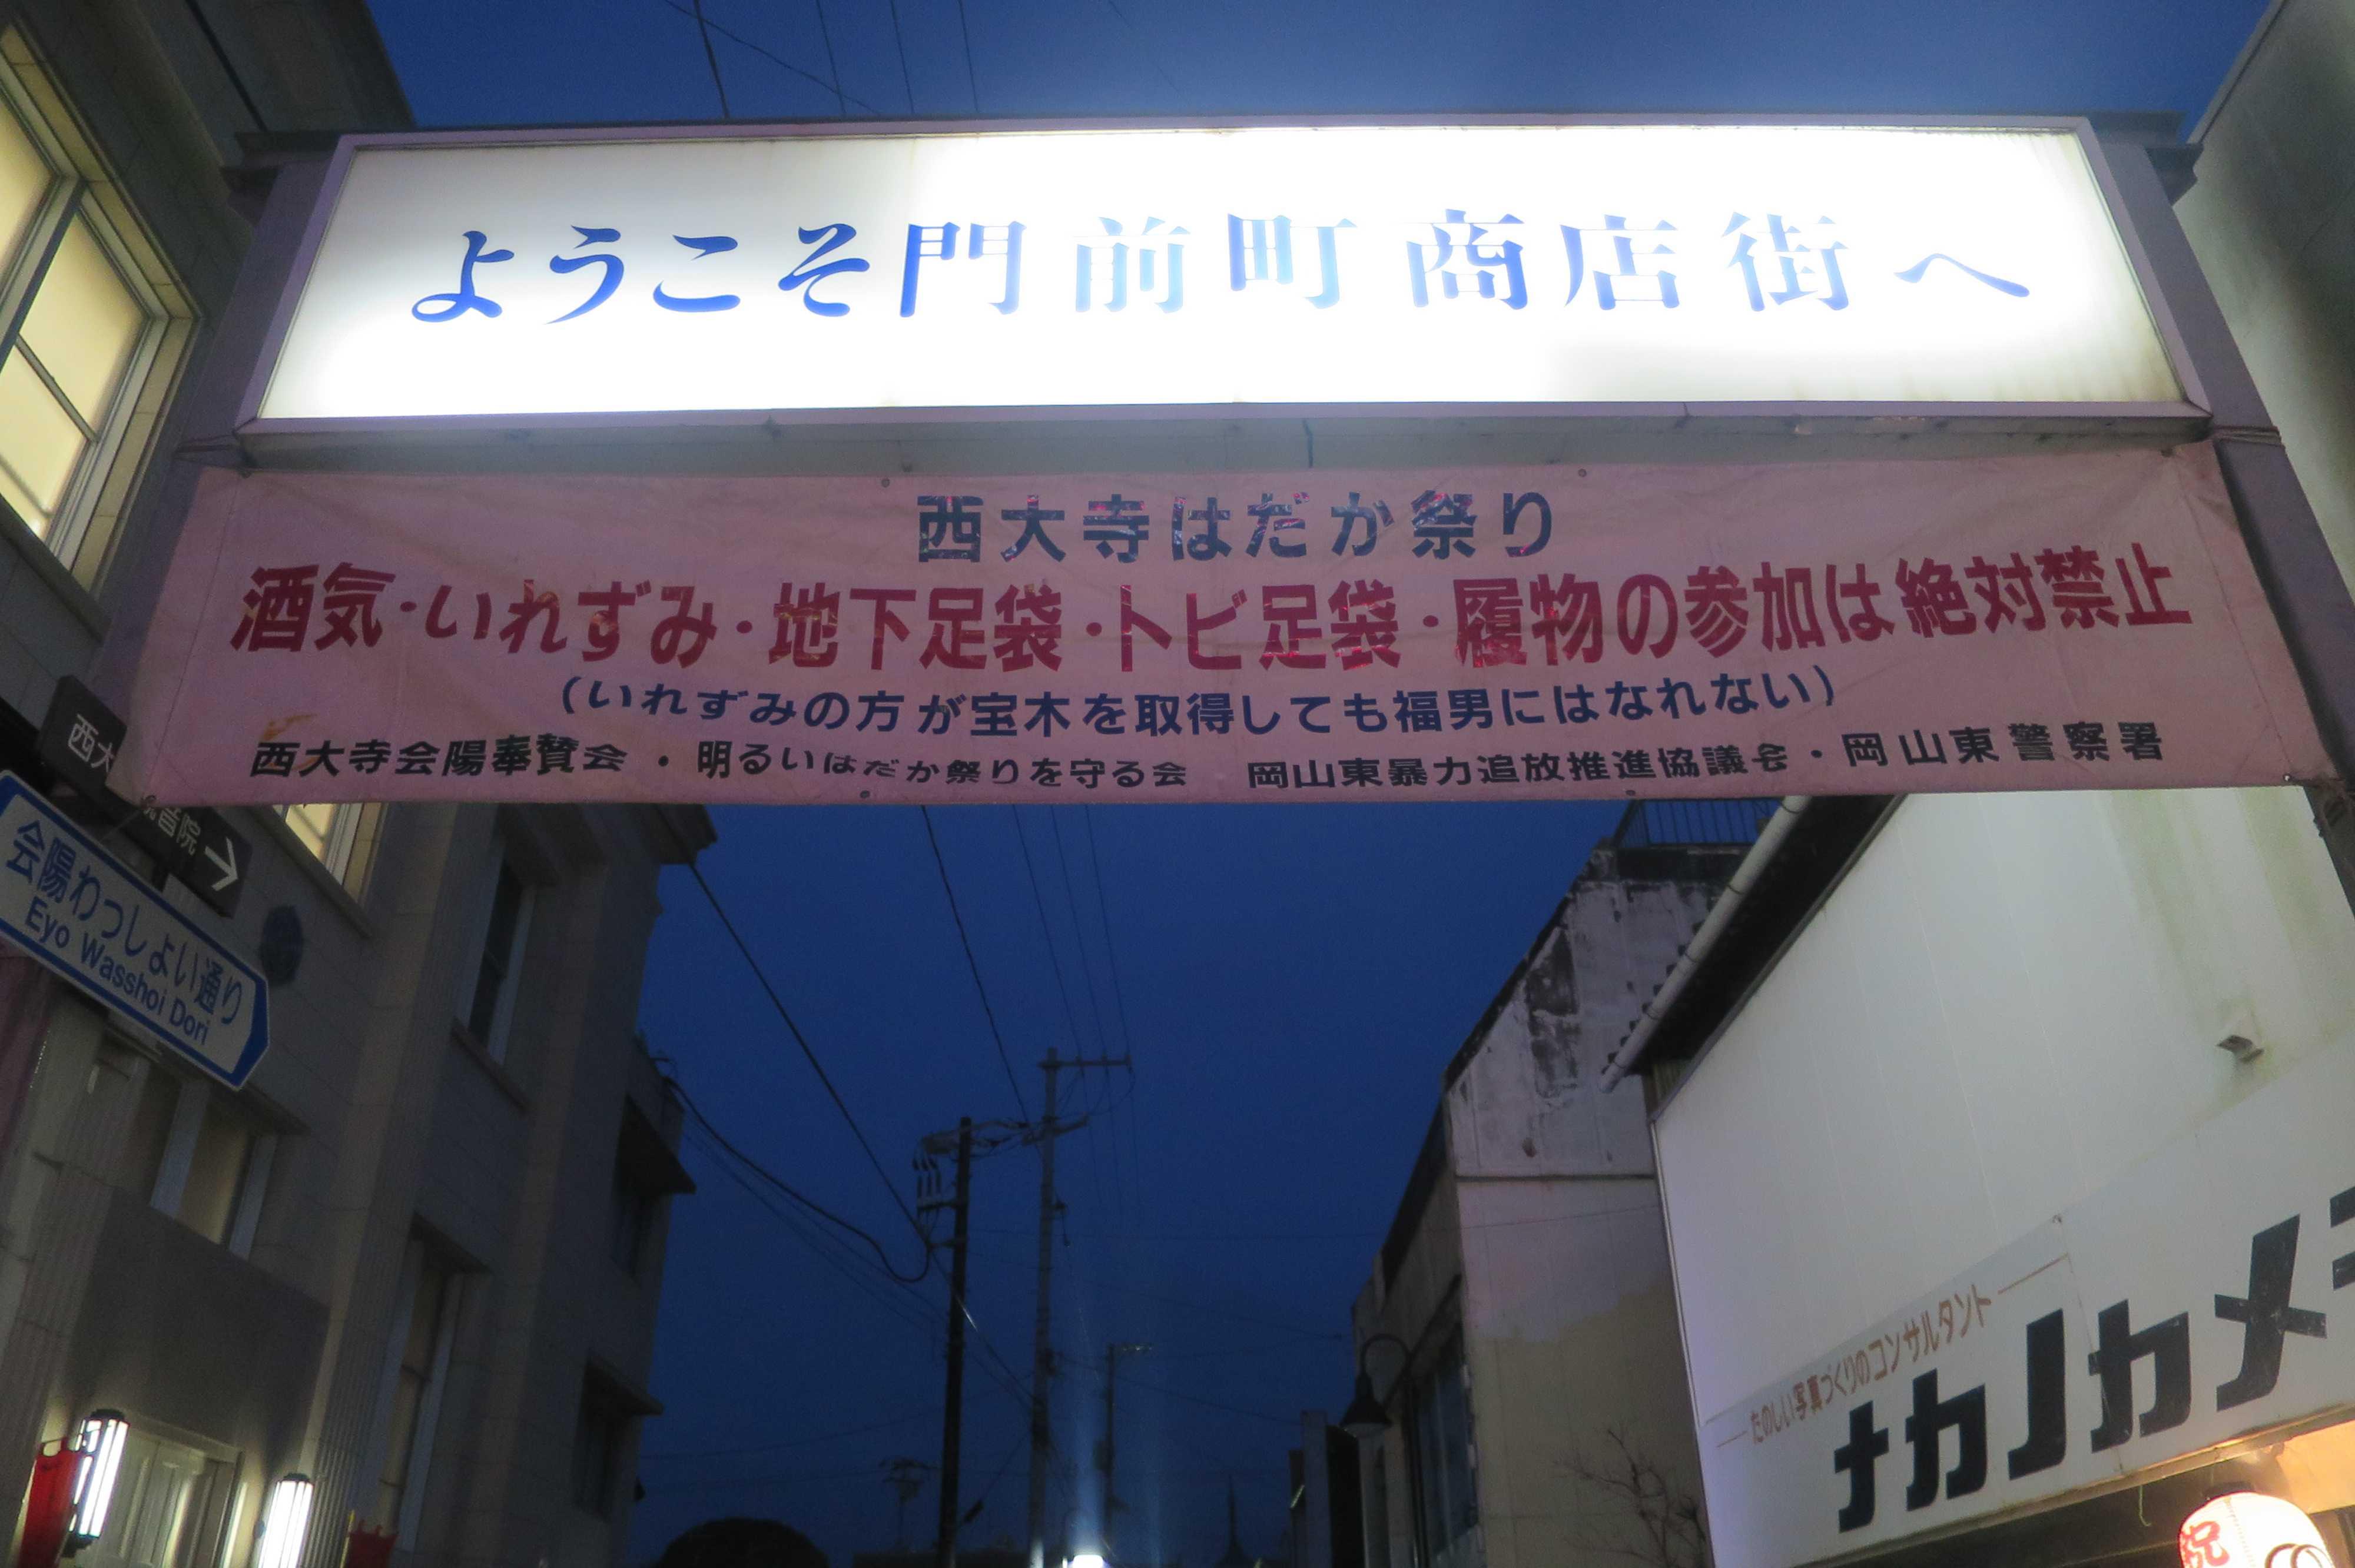 西大寺 - ようこそ門前町商店街へ